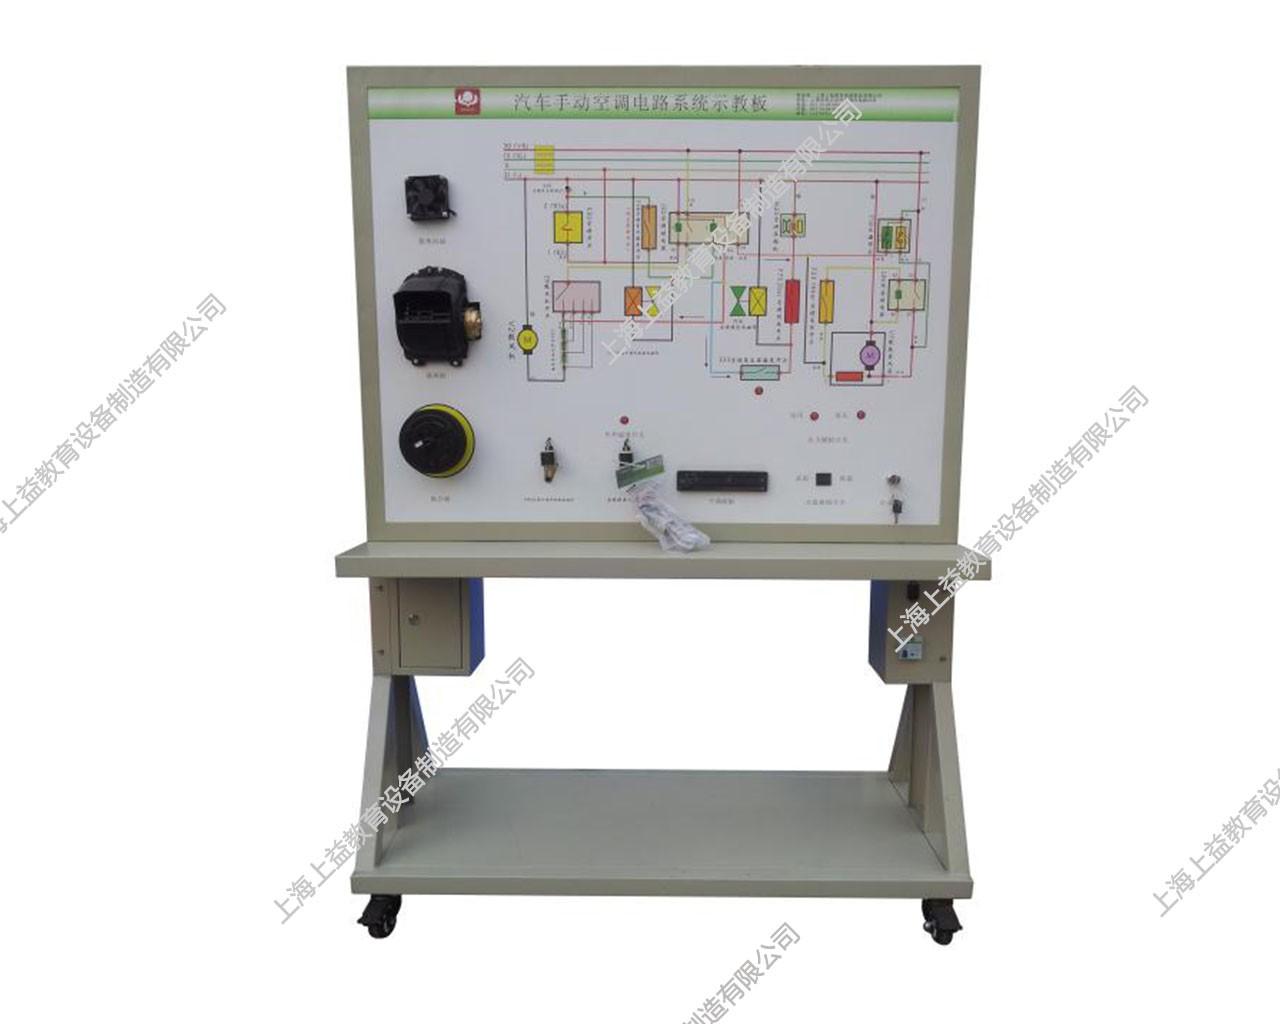 大众桑塔纳2000汽车手动空调电路系统示教板